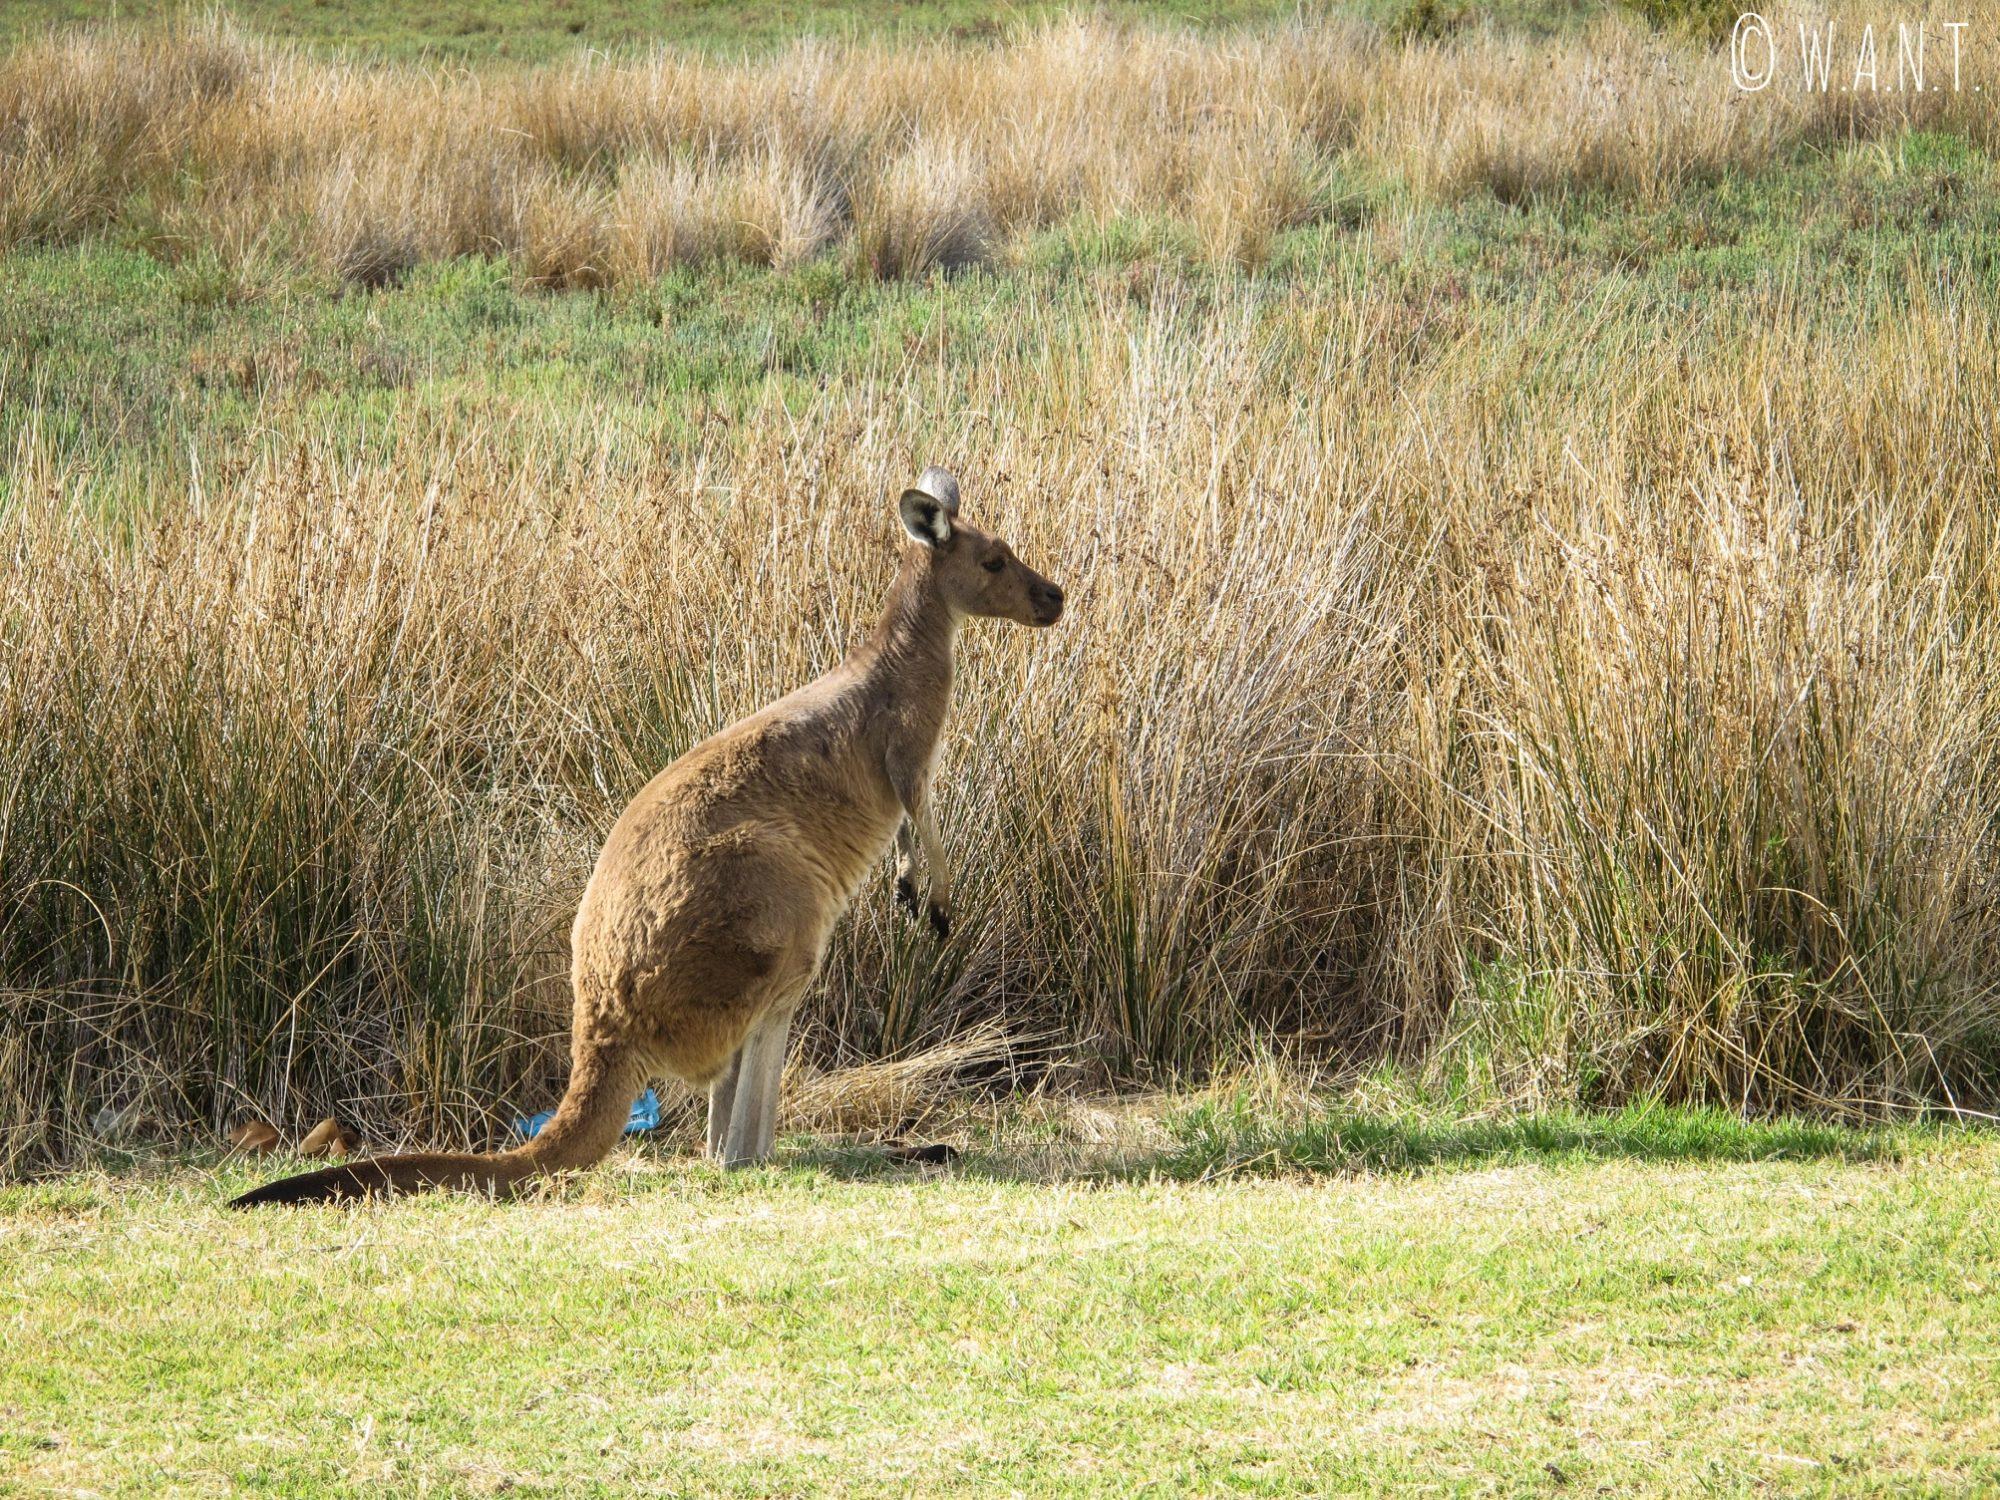 Il ne reste qu'un petit nombre de kangourous sur Heirisson Island à Perth, et nous avons eu la chance d'en voir plusieurs